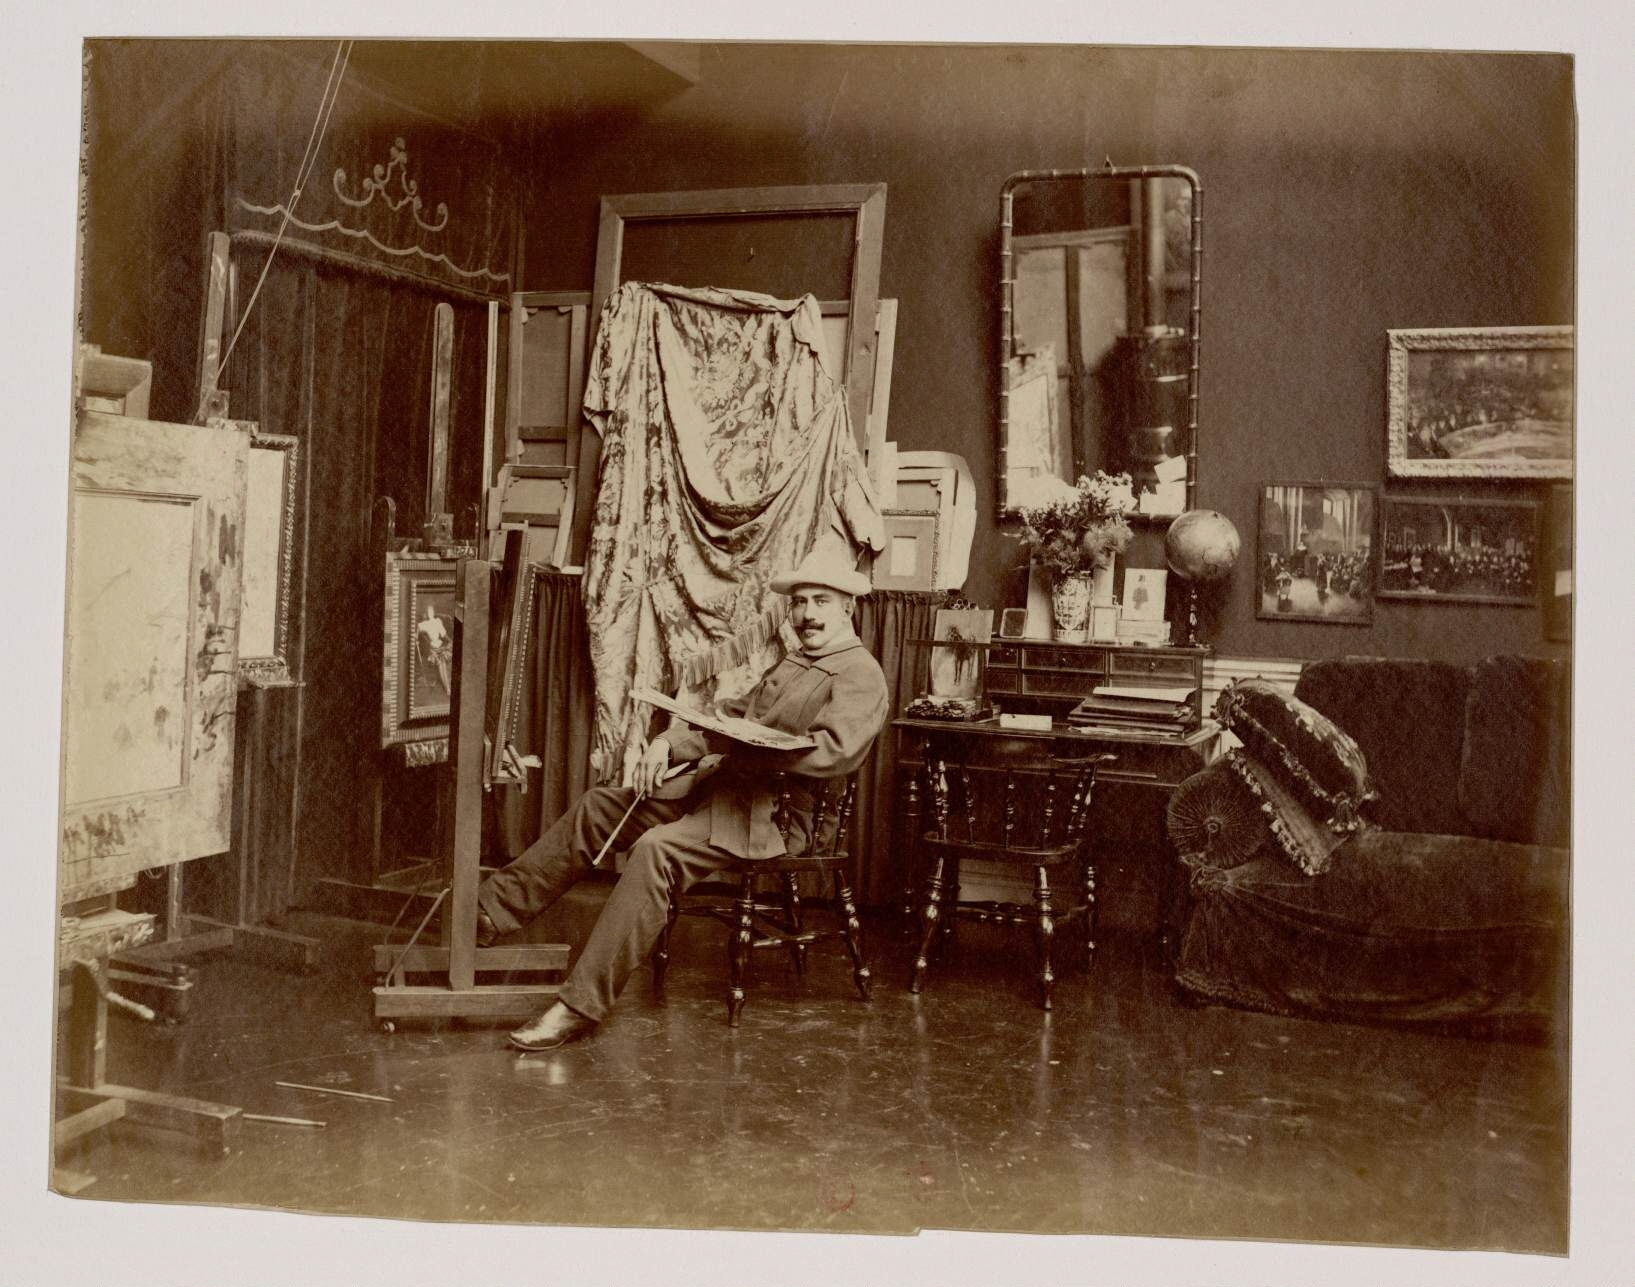 17. Жан Беро (1849-1935)  — французский салонный живописец, приобретший известность многочисленными жанровыми работами, изображавшими жизнь Парижа и парижского светского общества